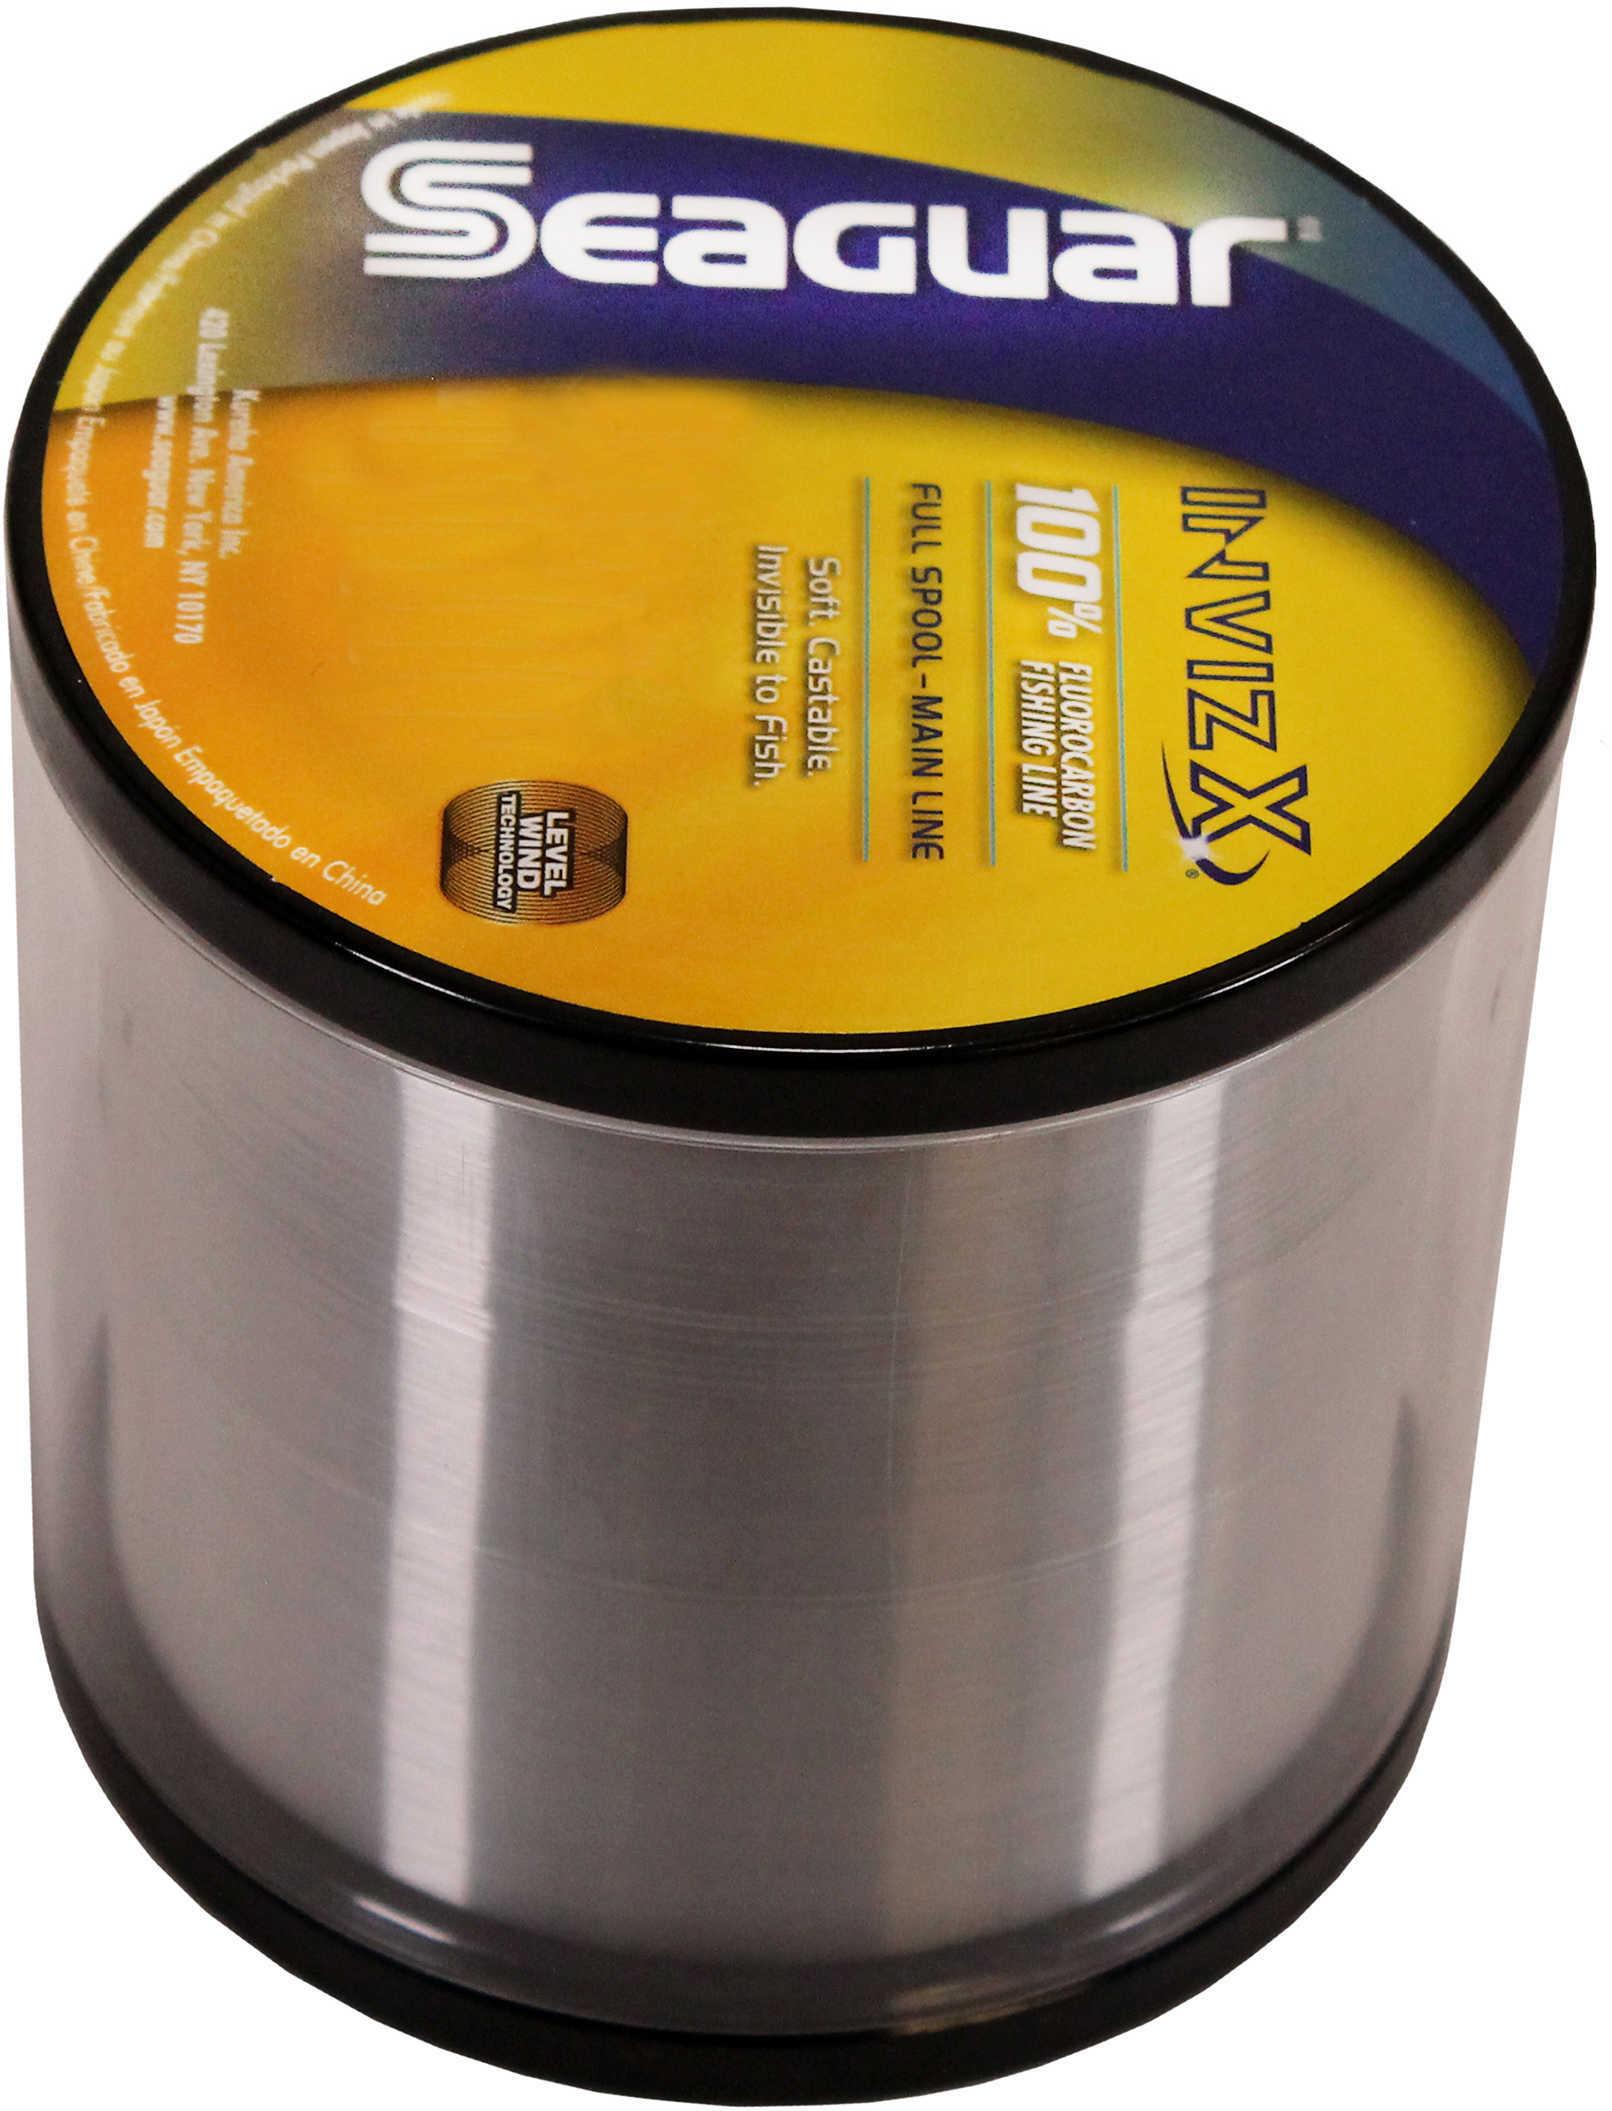 Seaguar Inviz X Fluorcarbon Clear 1000yds 20Lb Md#: 20VZ-1000